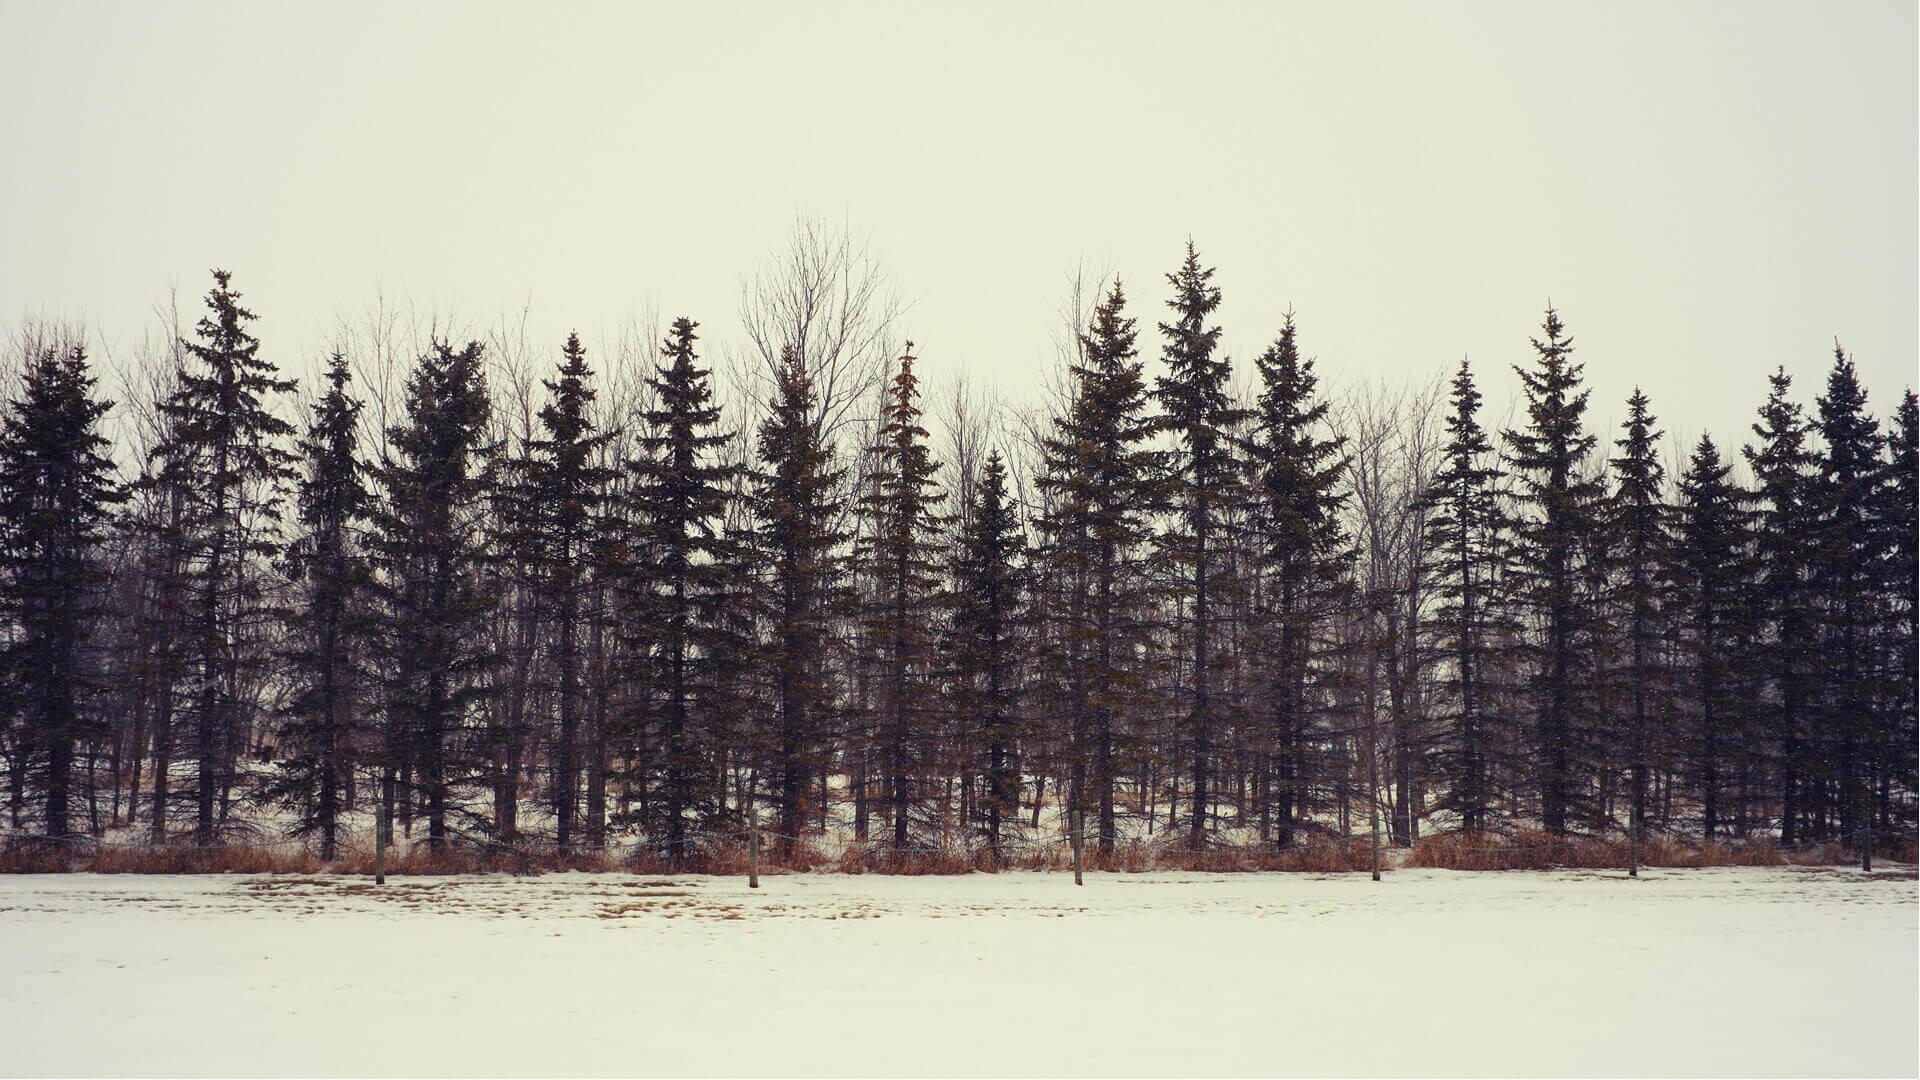 Paisaje en invierno con nieve